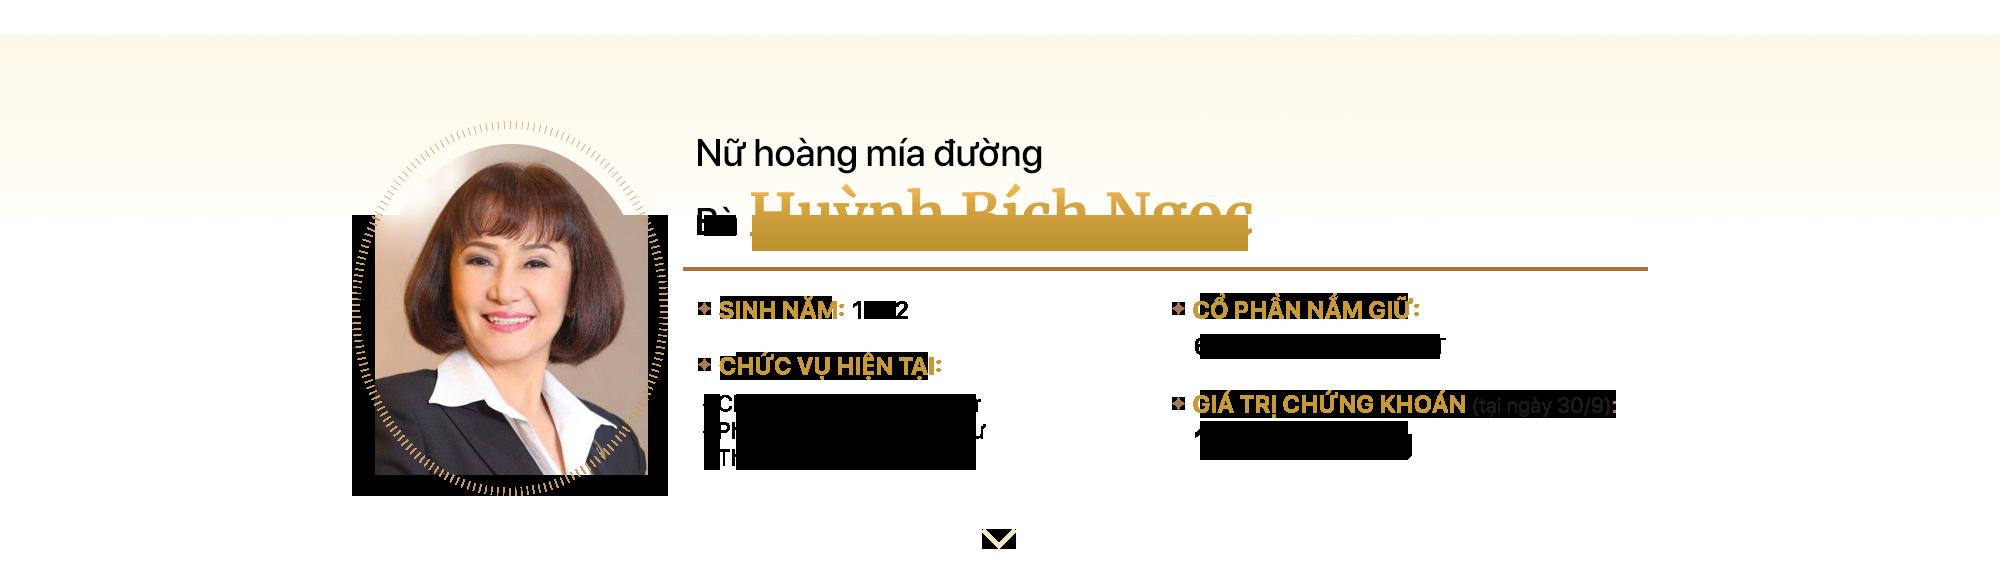 TOP10 NỮ DOANH NHÂN SỞ HỮU HÀNG TRIỆU USD CỔ PHIẾU TRÊN TTCK VIỆT NAM - Ảnh 8.